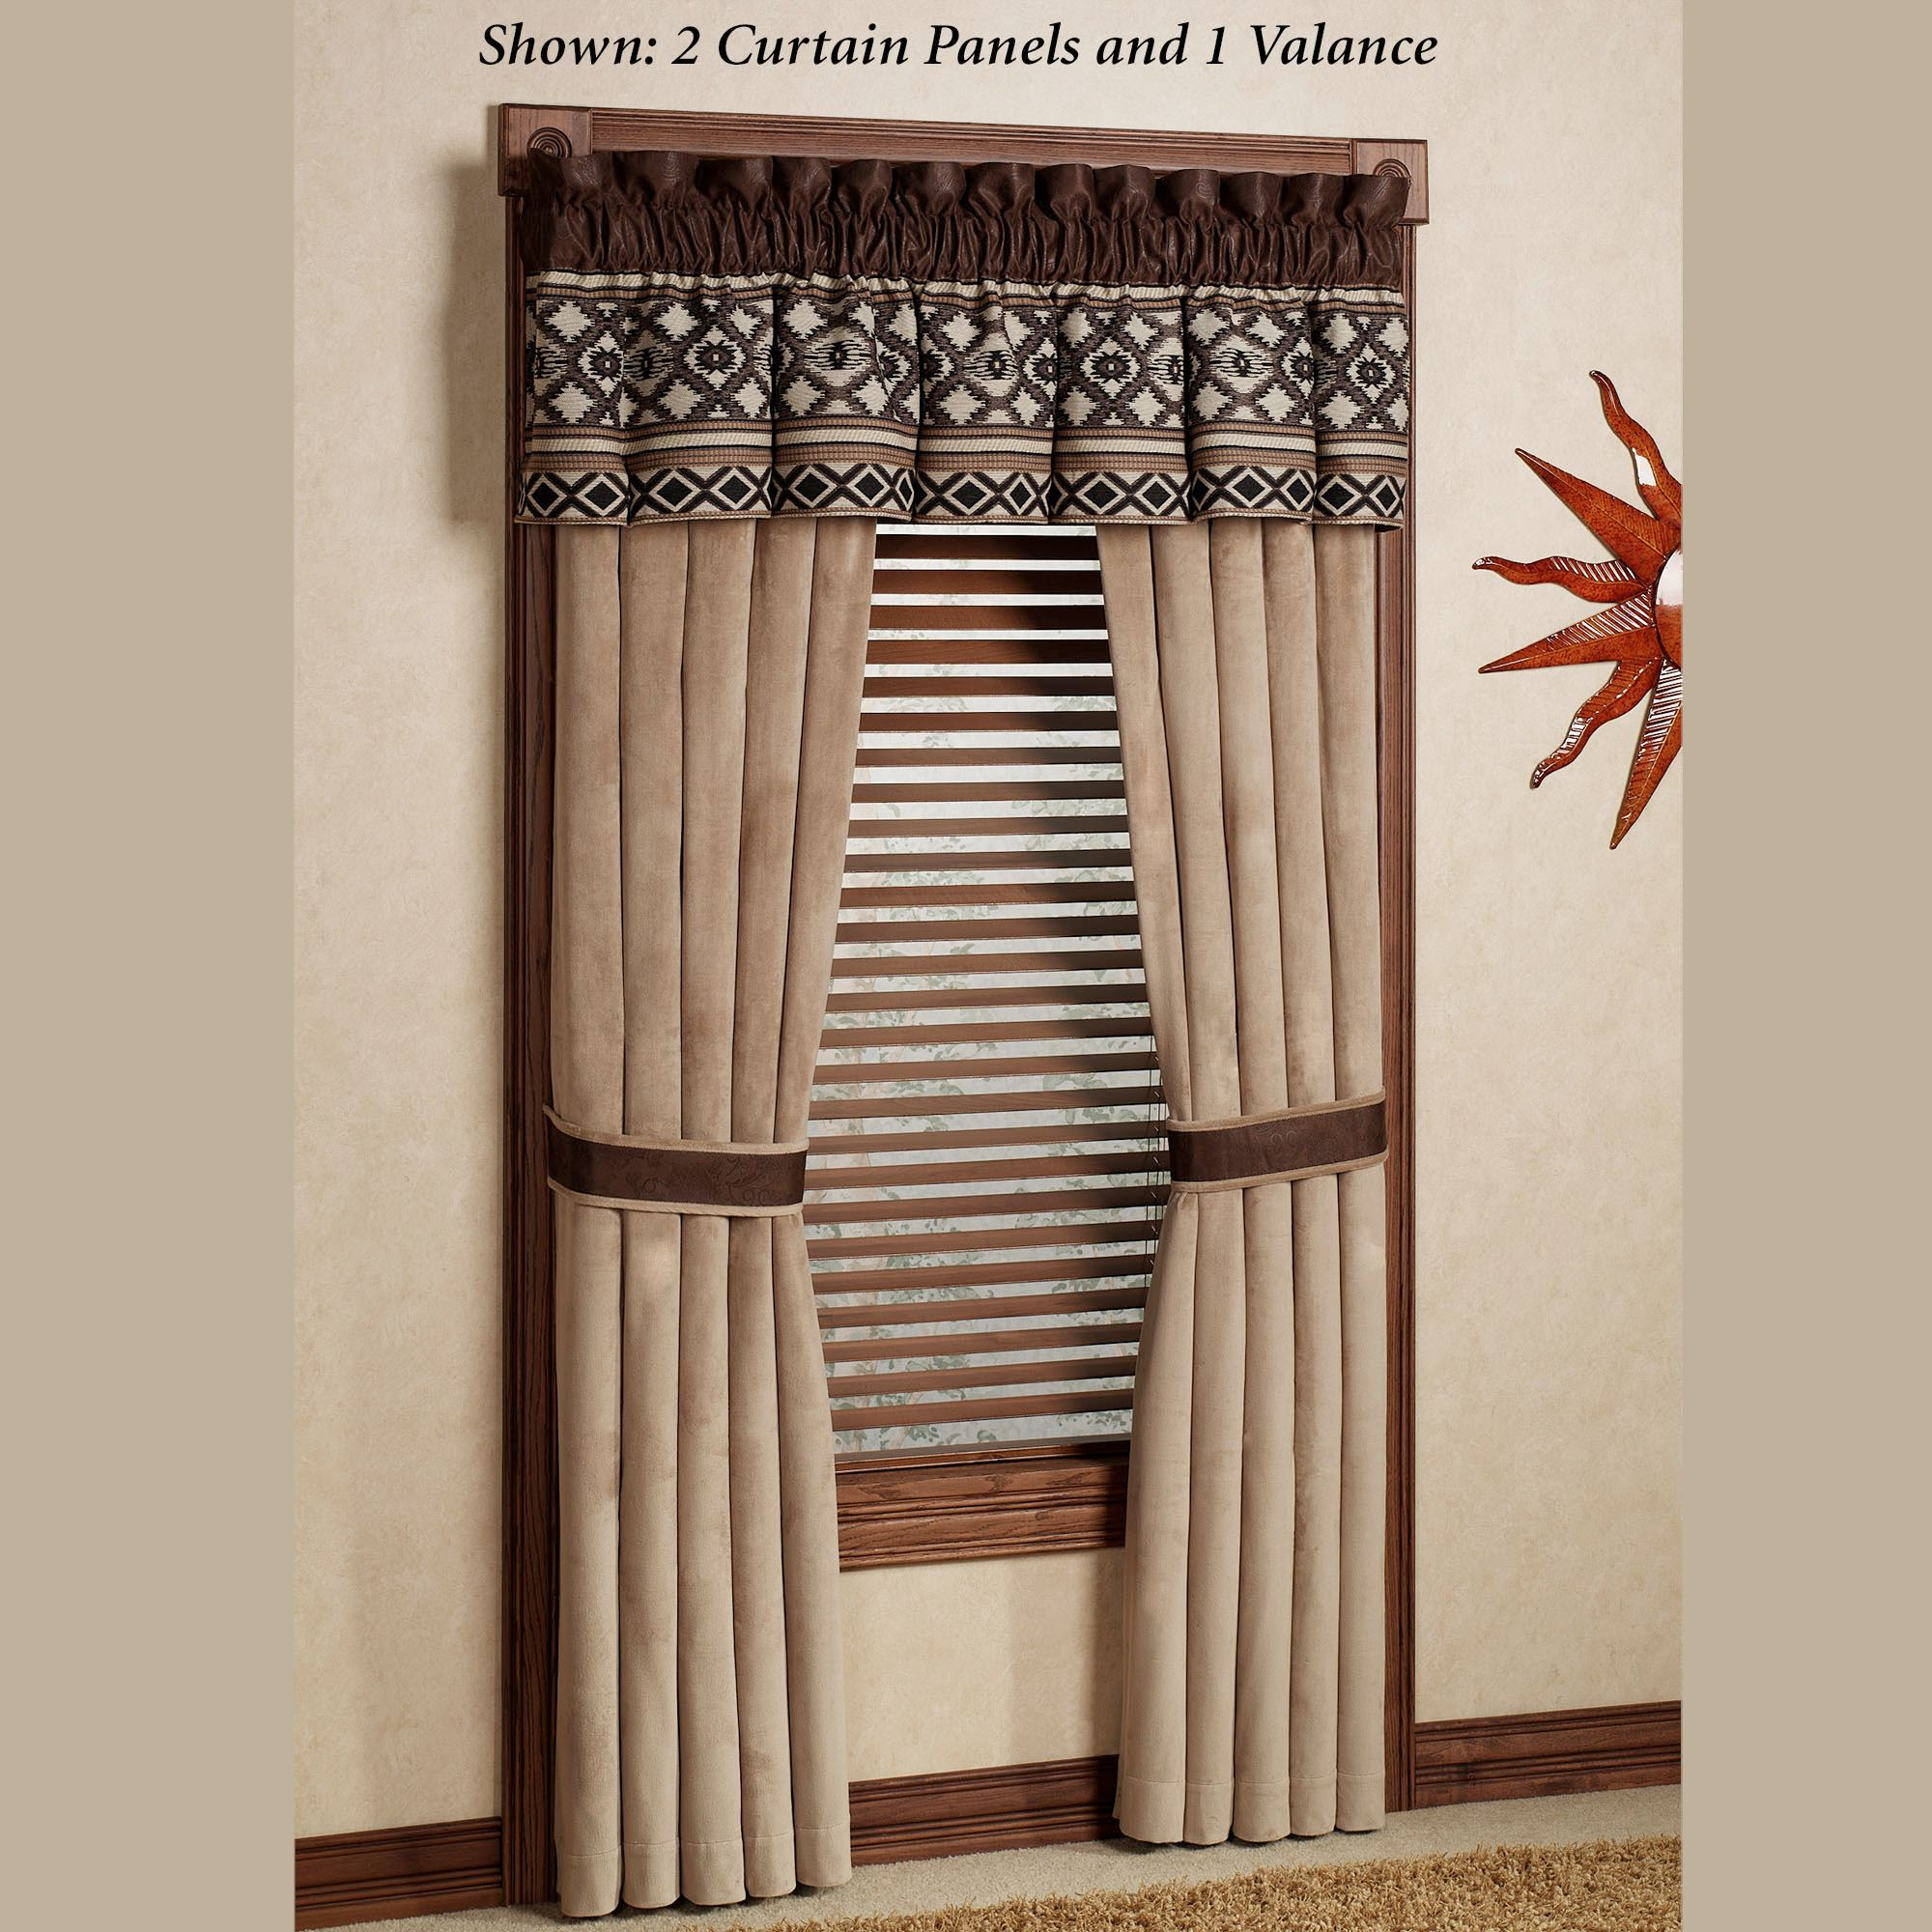 Tucson Southwest Window Treatment